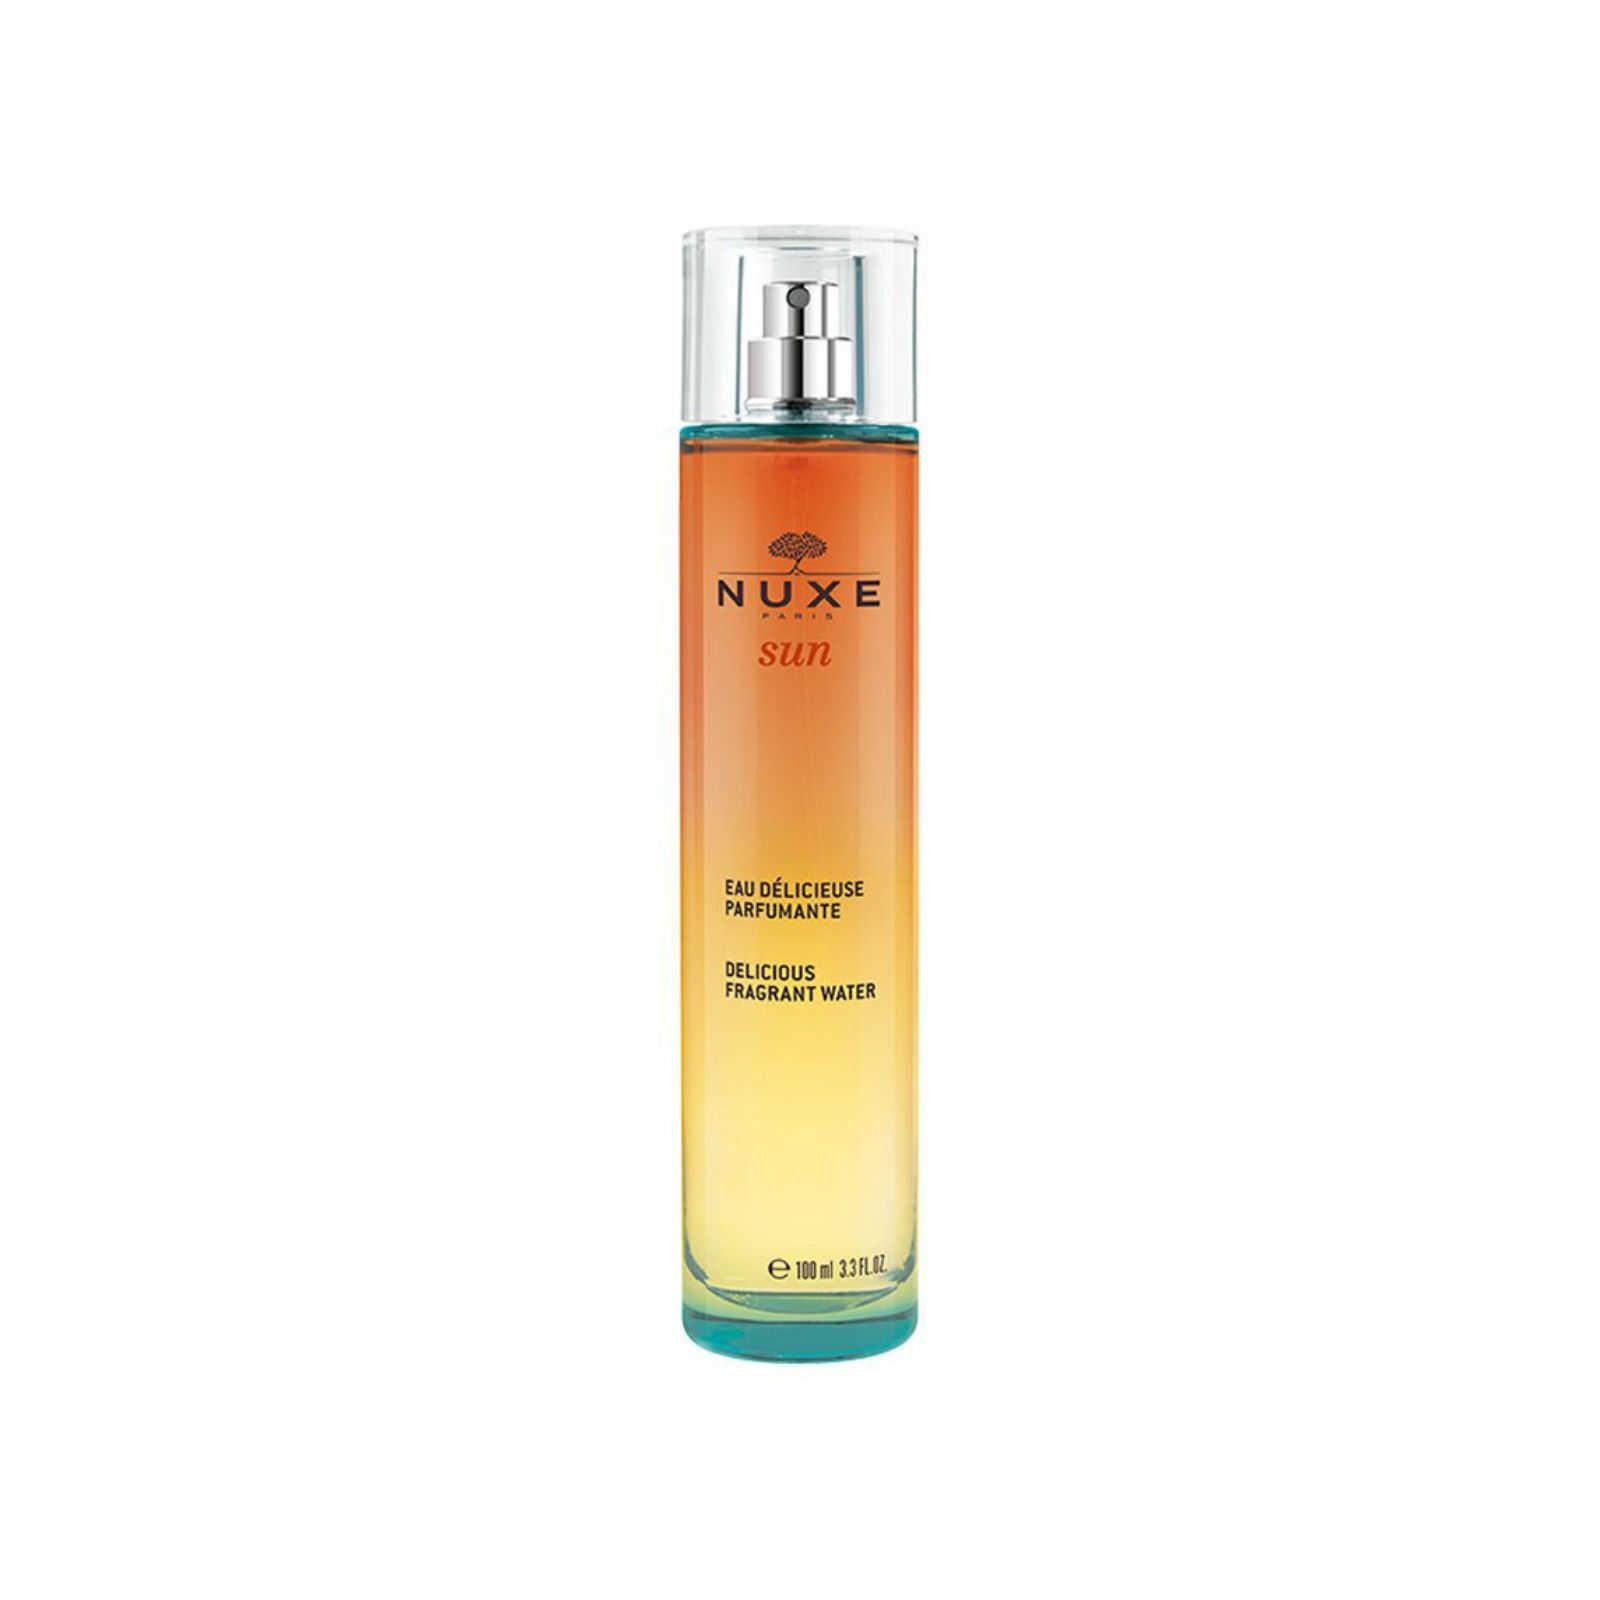 Nuxe Sun - Eau Délicieuse Parfumante